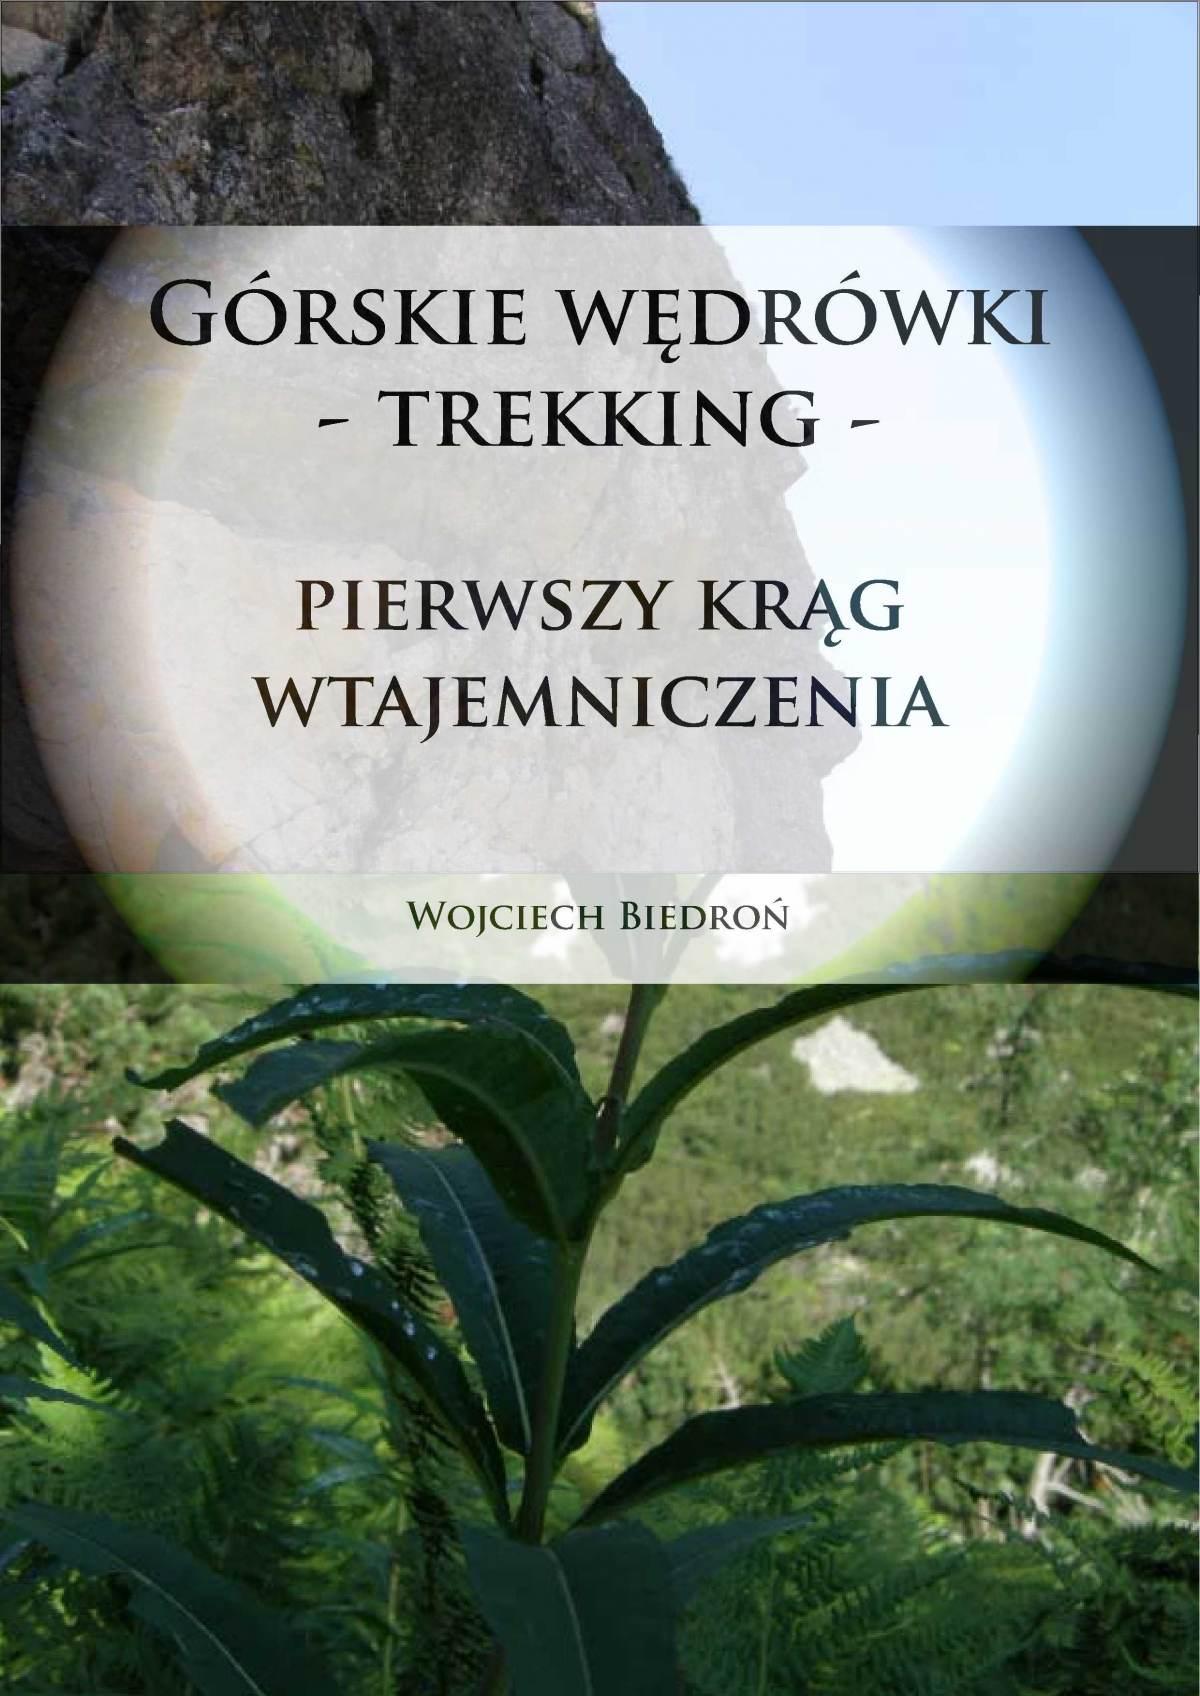 Górskie Wędrówki - Trekking - Pierwszy Krąg Wtajemniczenia - Ebook (Książka PDF) do pobrania w formacie PDF